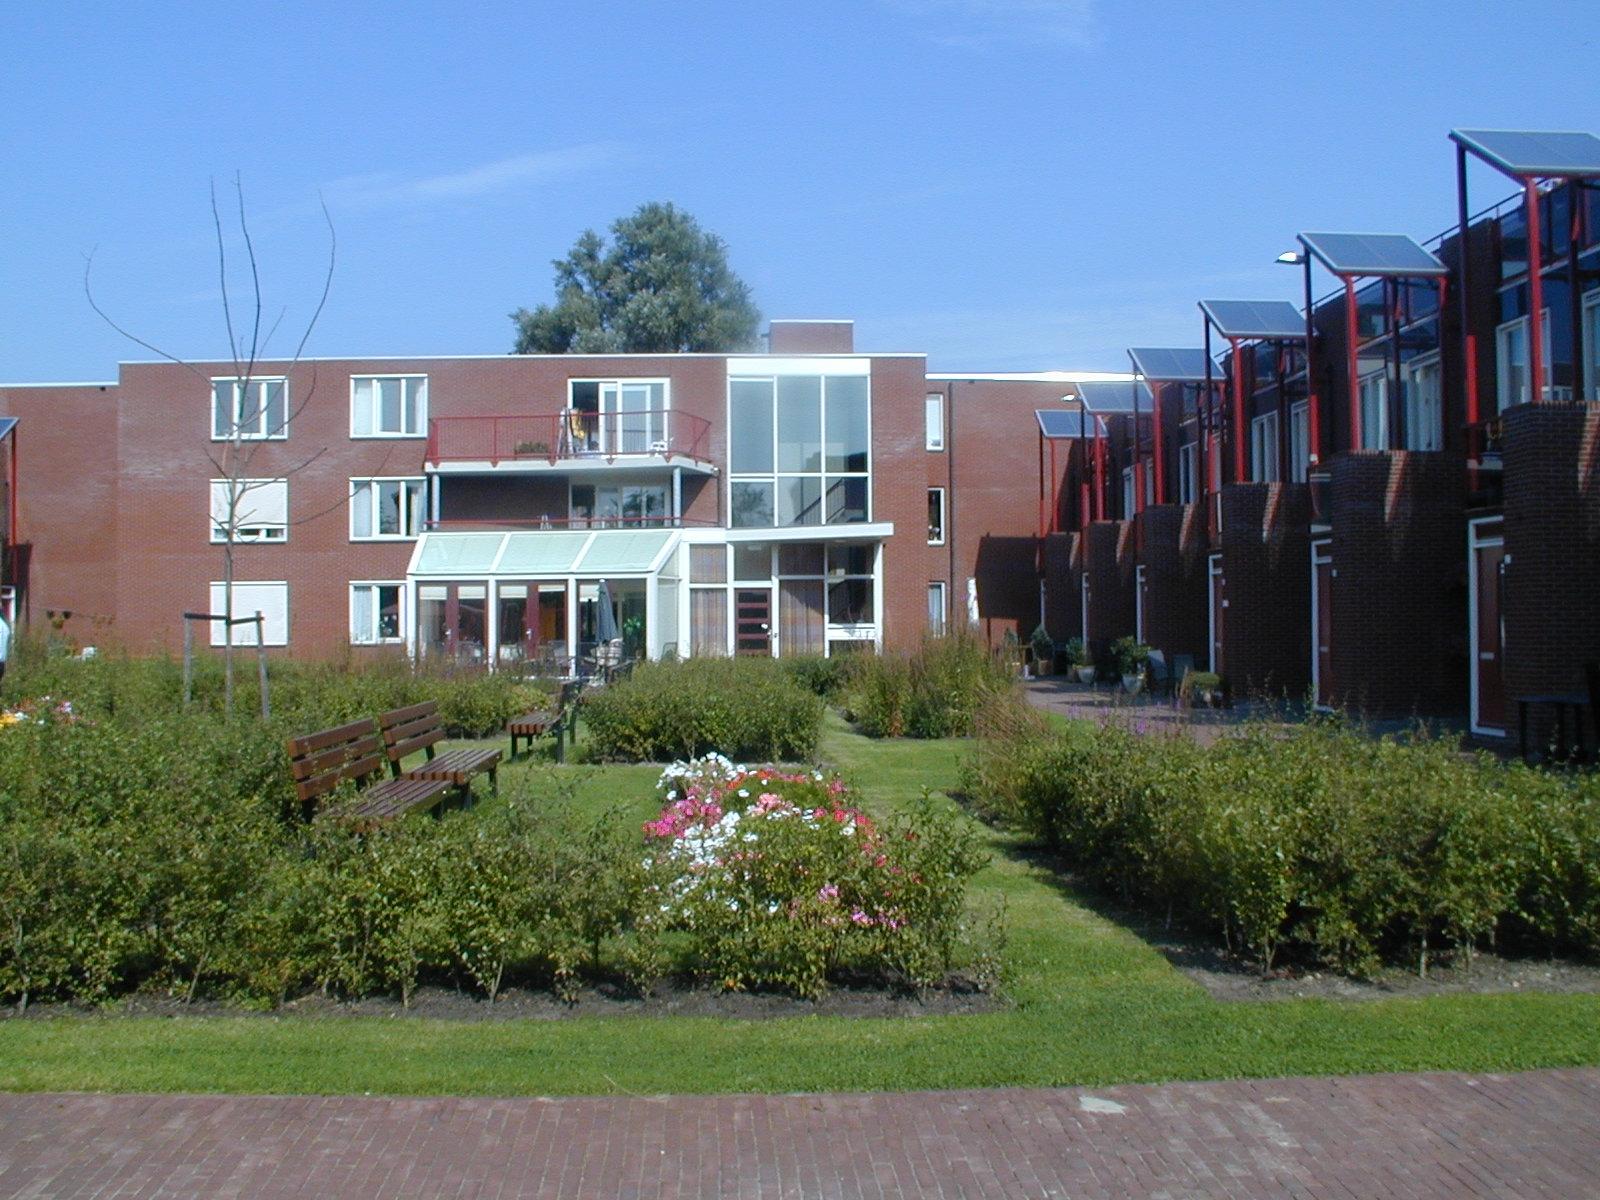 haemstedehof.jpg